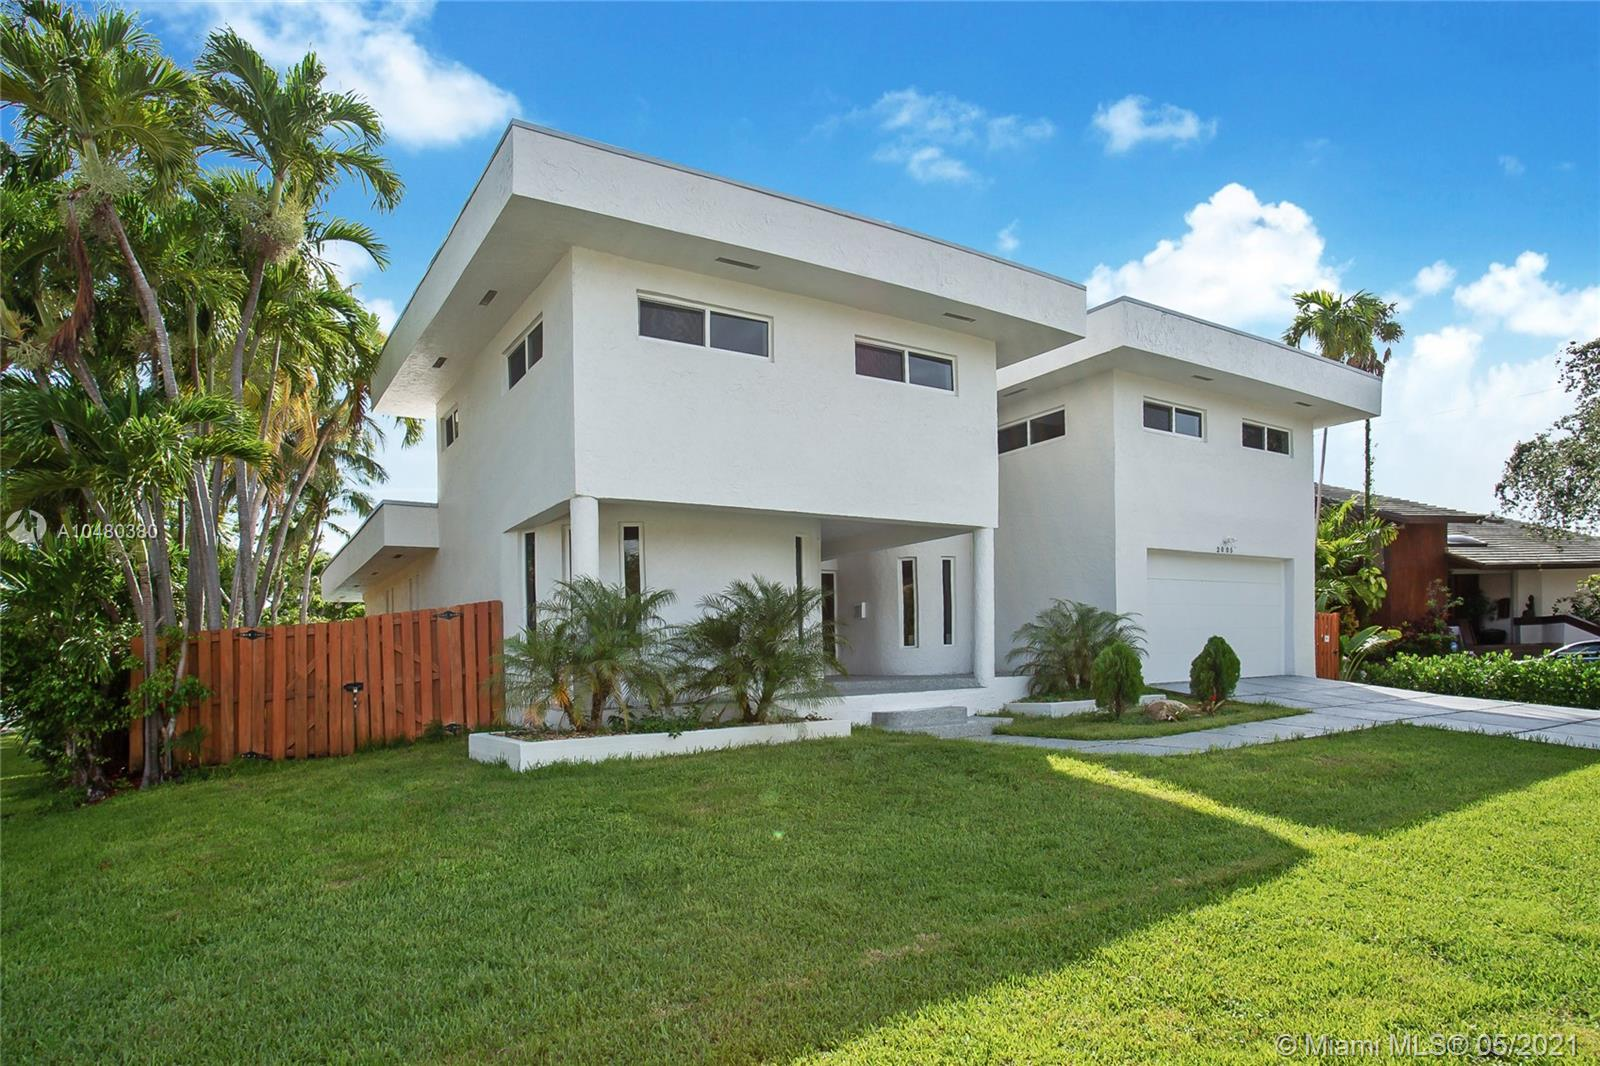 2005 NE 120th Rd, North Miami, FL 33181